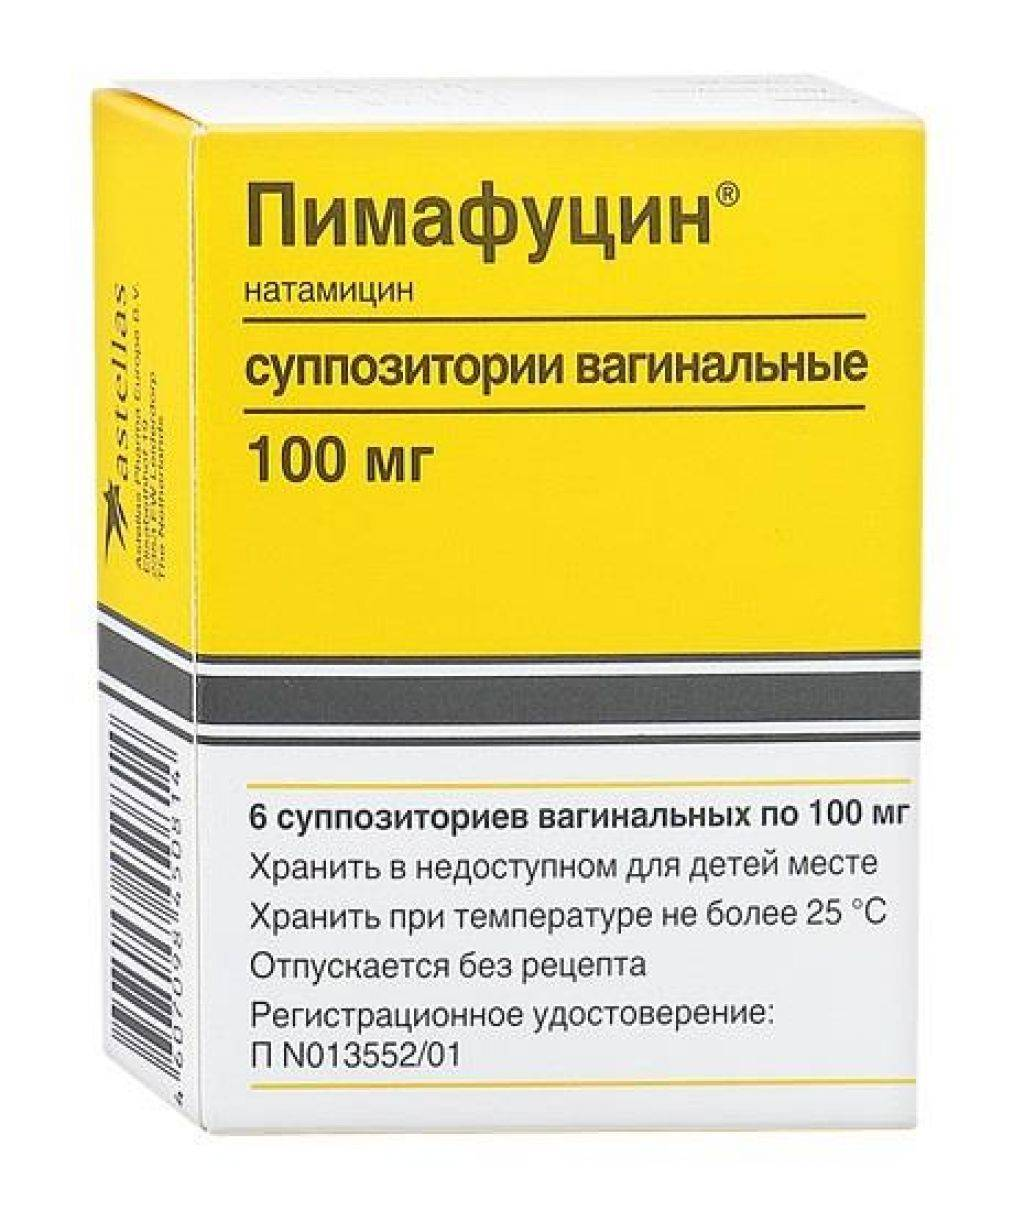 Обзор препаратов для лечения молочницы у женщин и мужчин